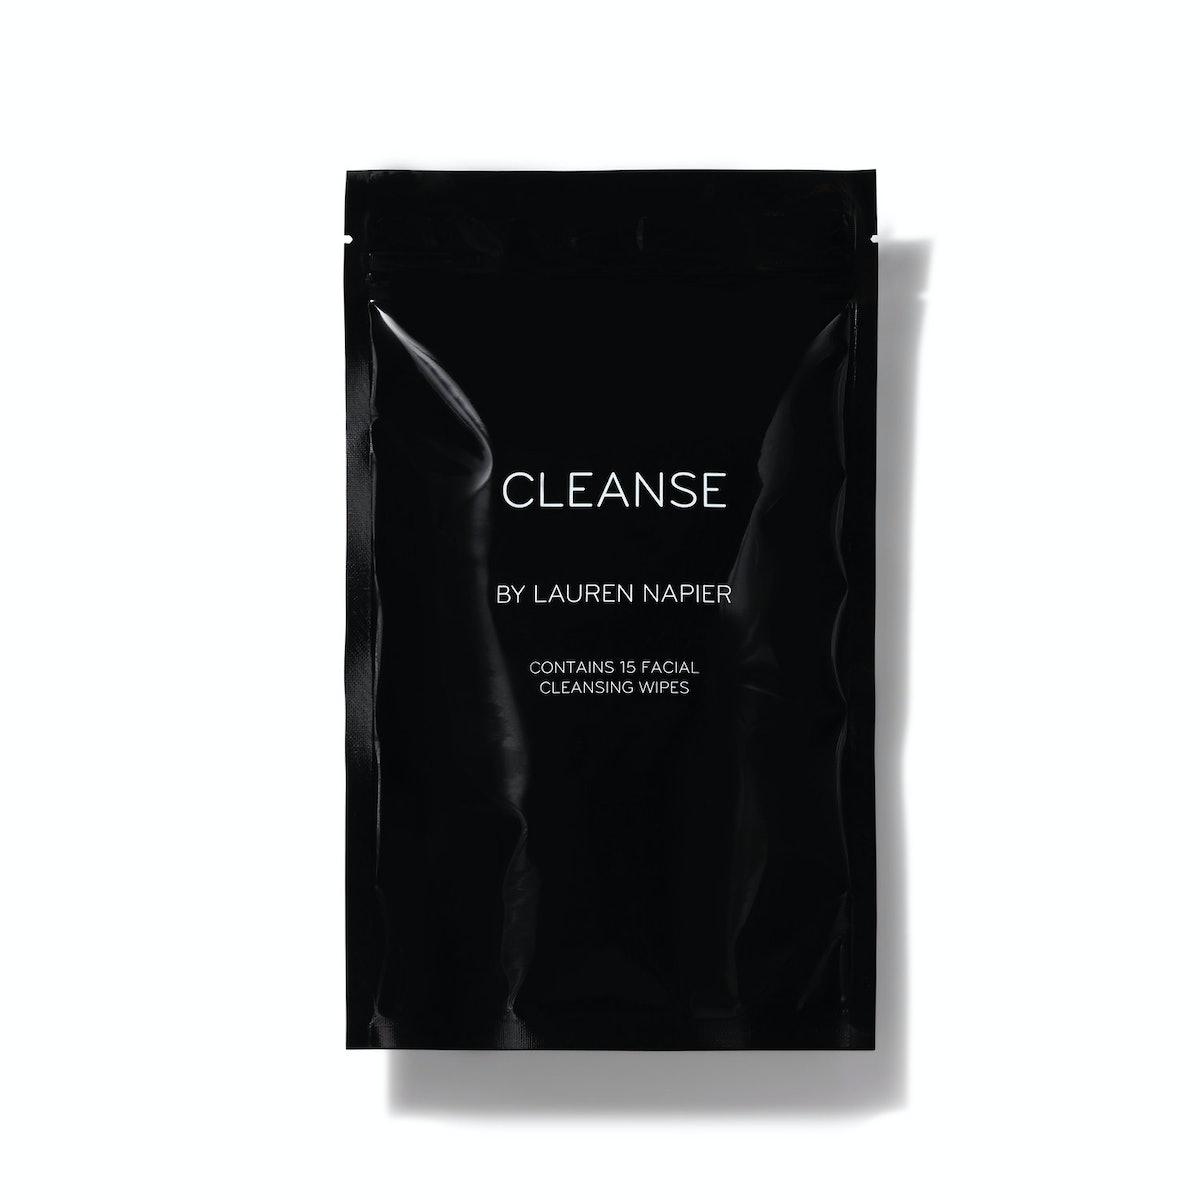 Lauren Napier Beauty Cleanse Facial Wipes (15 Count)